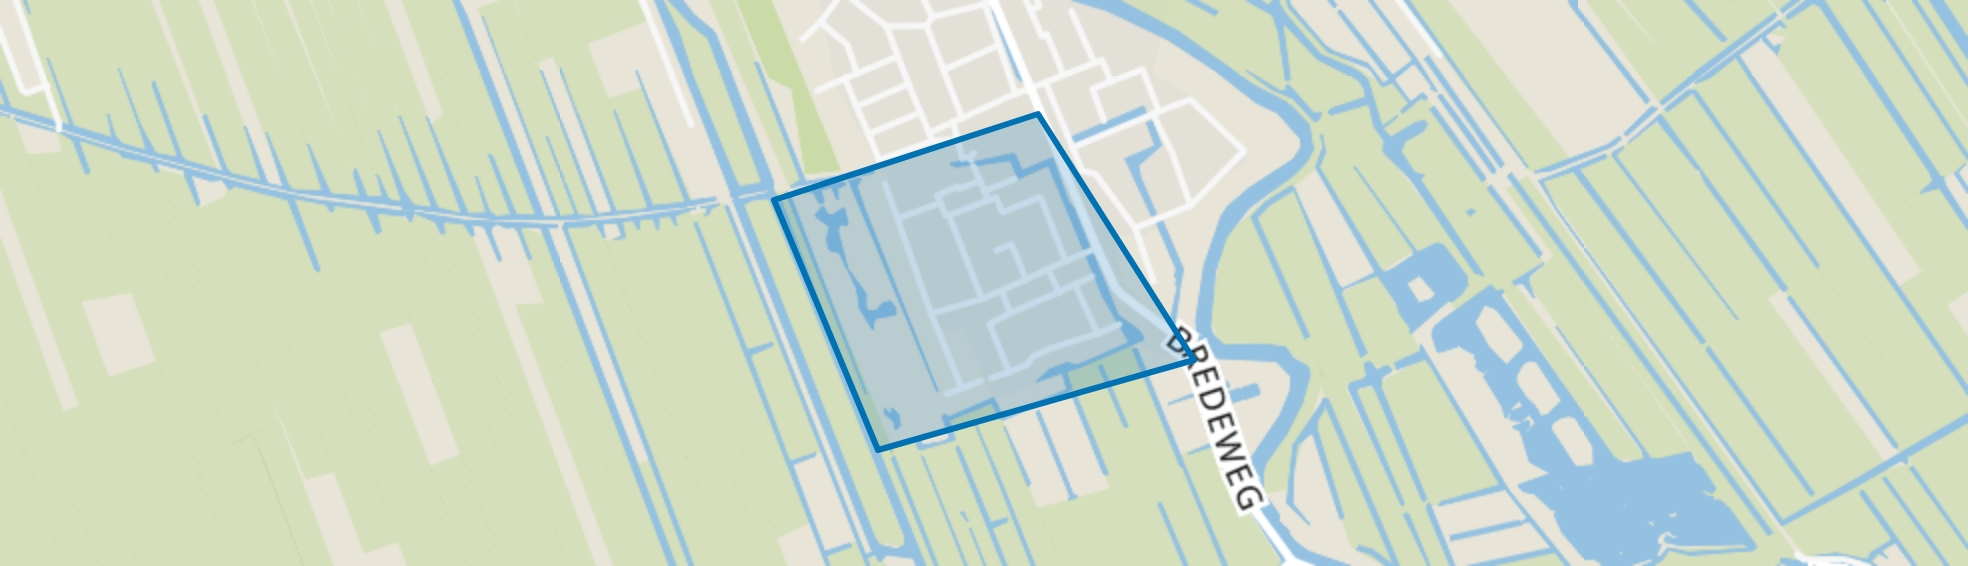 Bergvliet, Haastrecht map